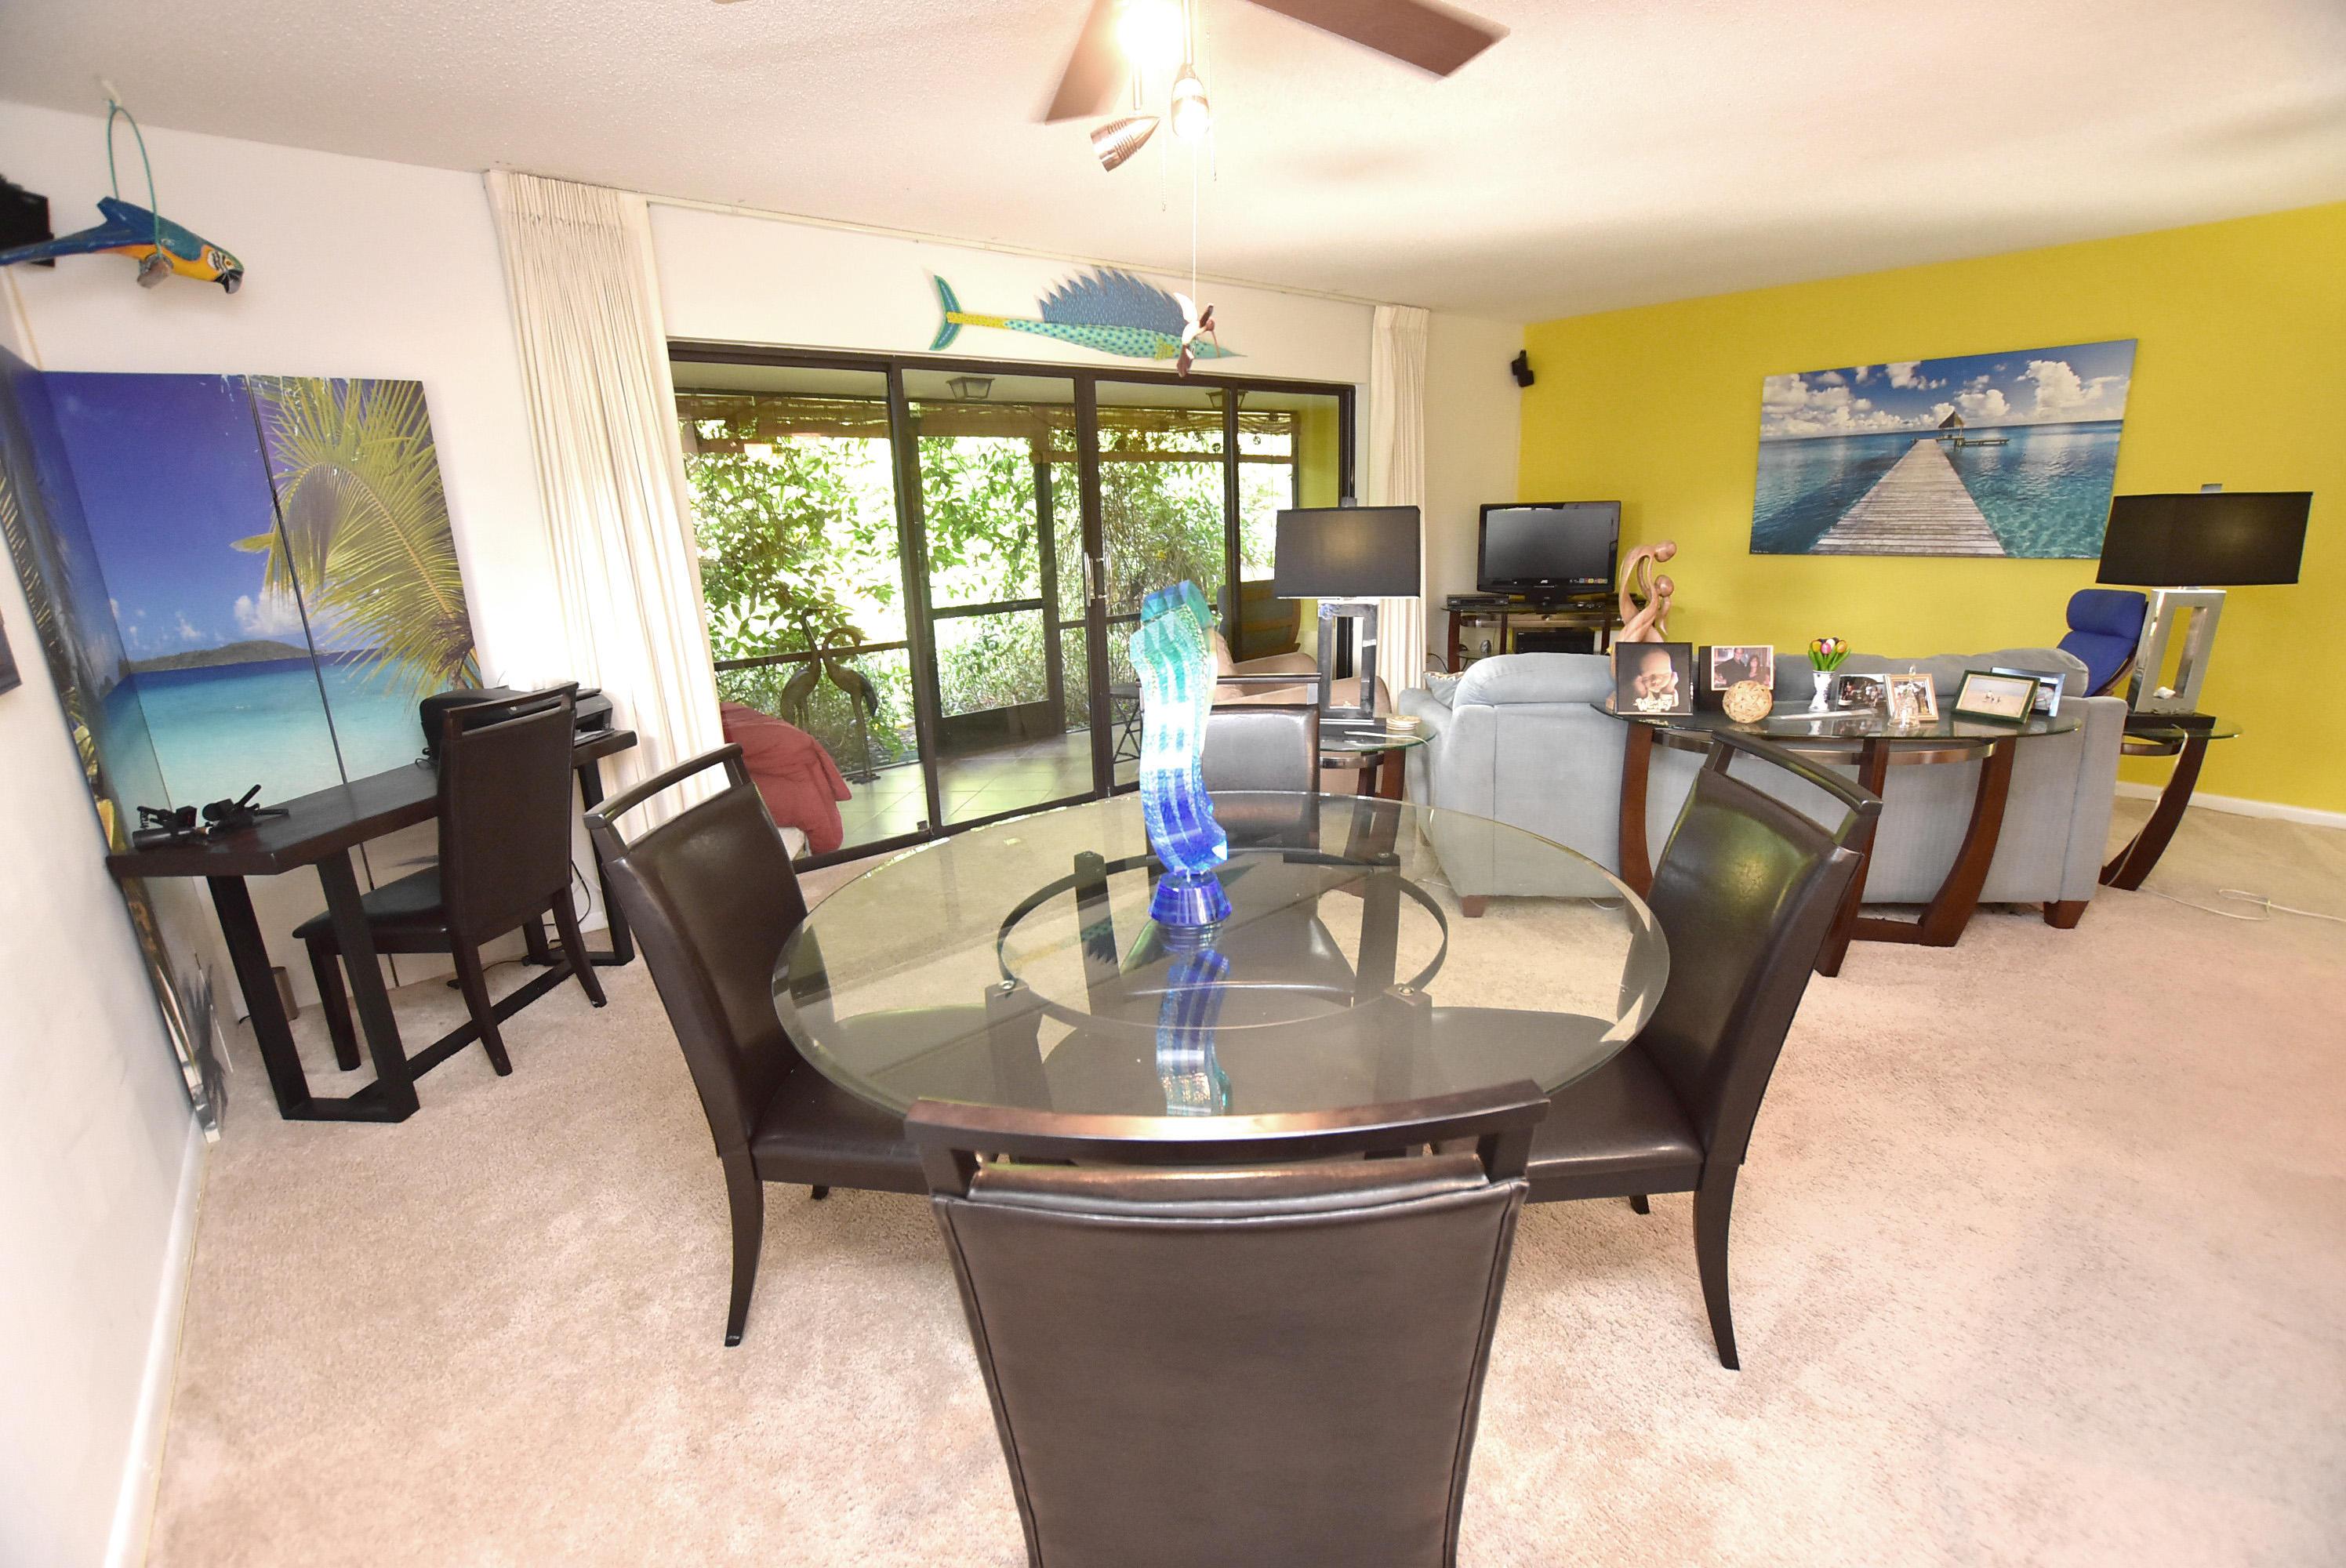 Photo of 4155 Kittiwake Court #Kittiwake, Boynton Beach, FL 33436